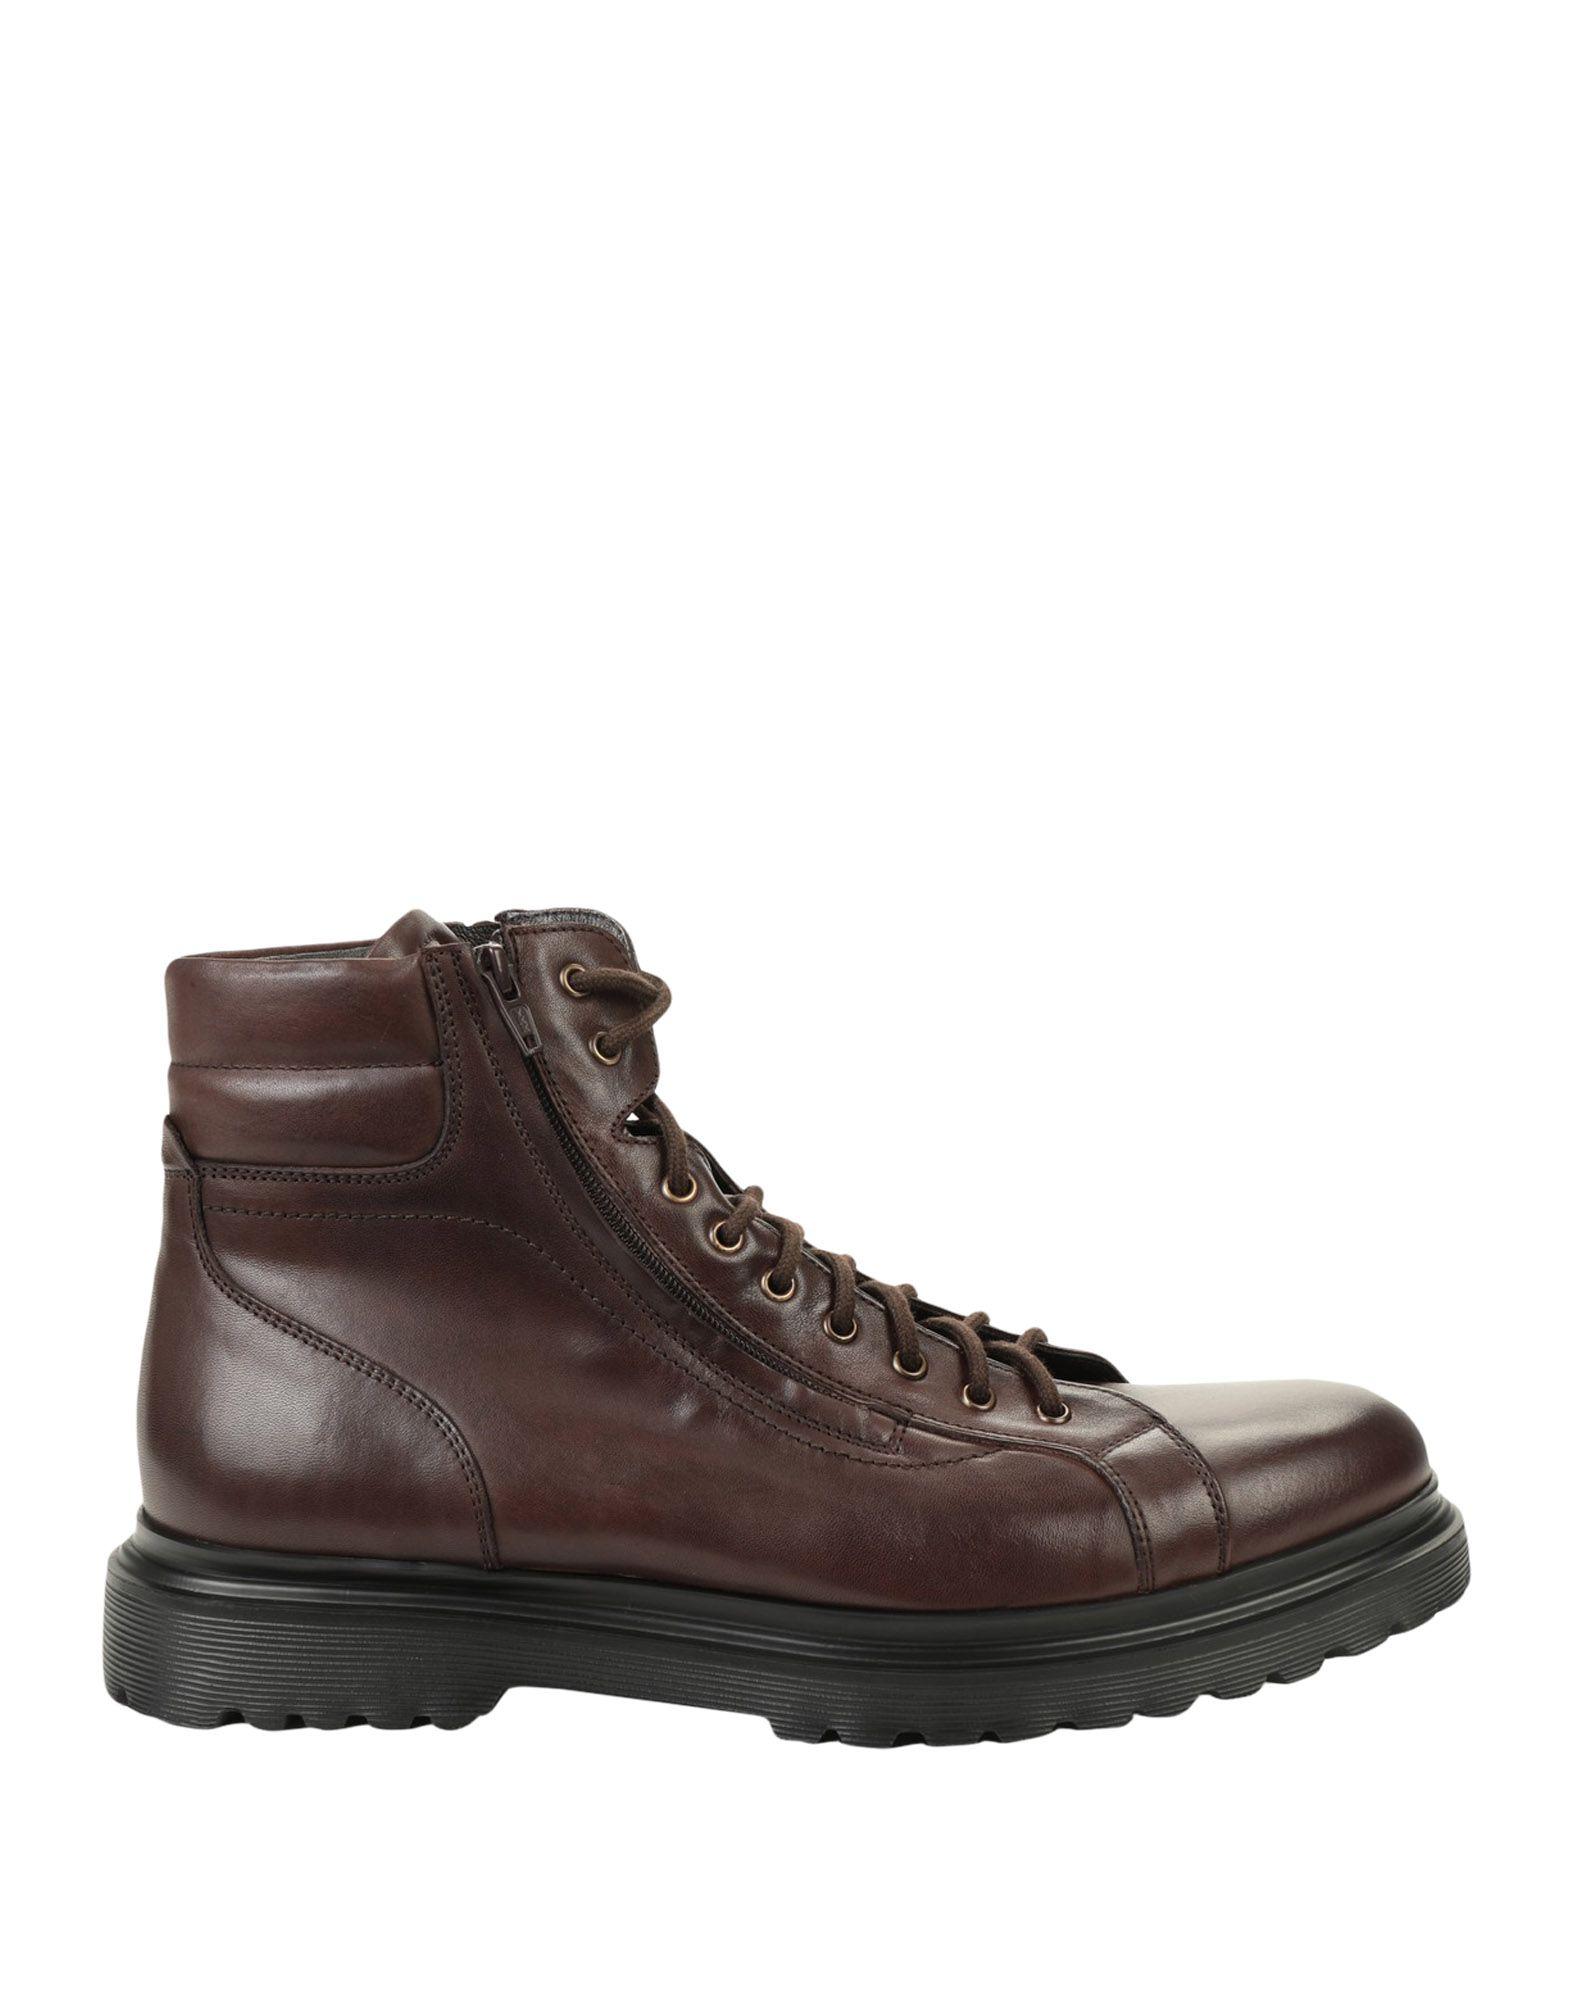 Maldini Stiefelette Herren  11538156KK Gute Qualität beliebte Schuhe